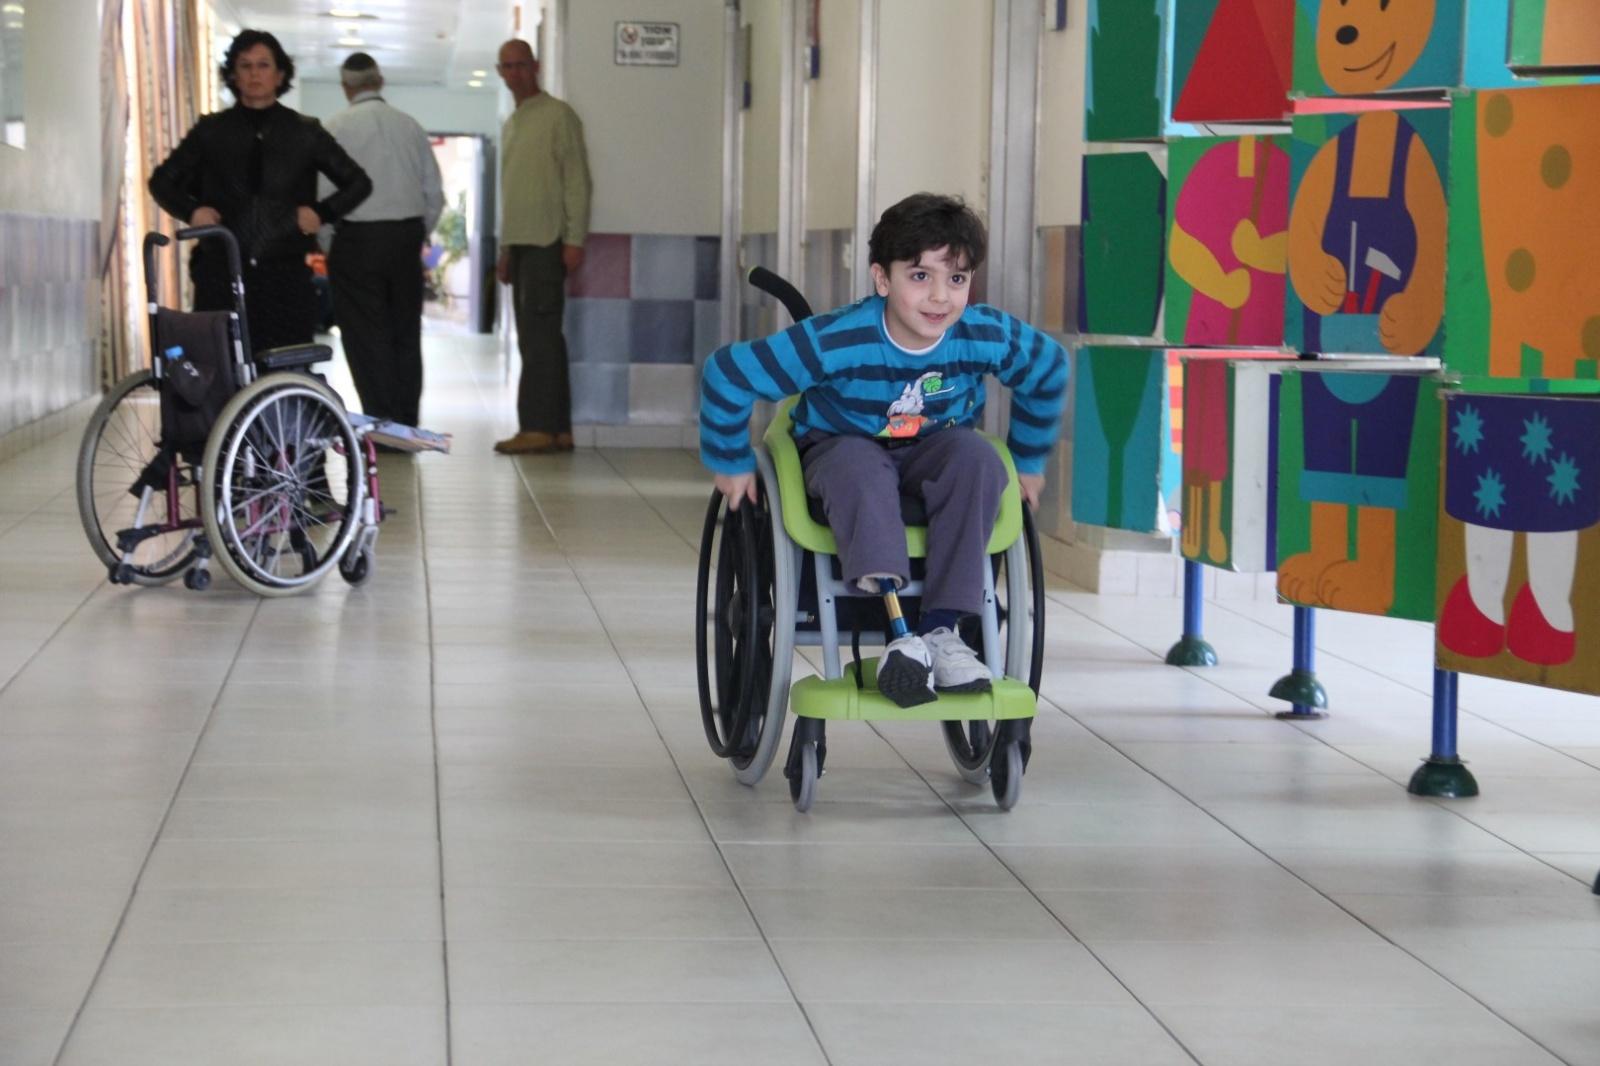 В Казахстане не созданы все условия для инклюзивного образования, считают в МОН